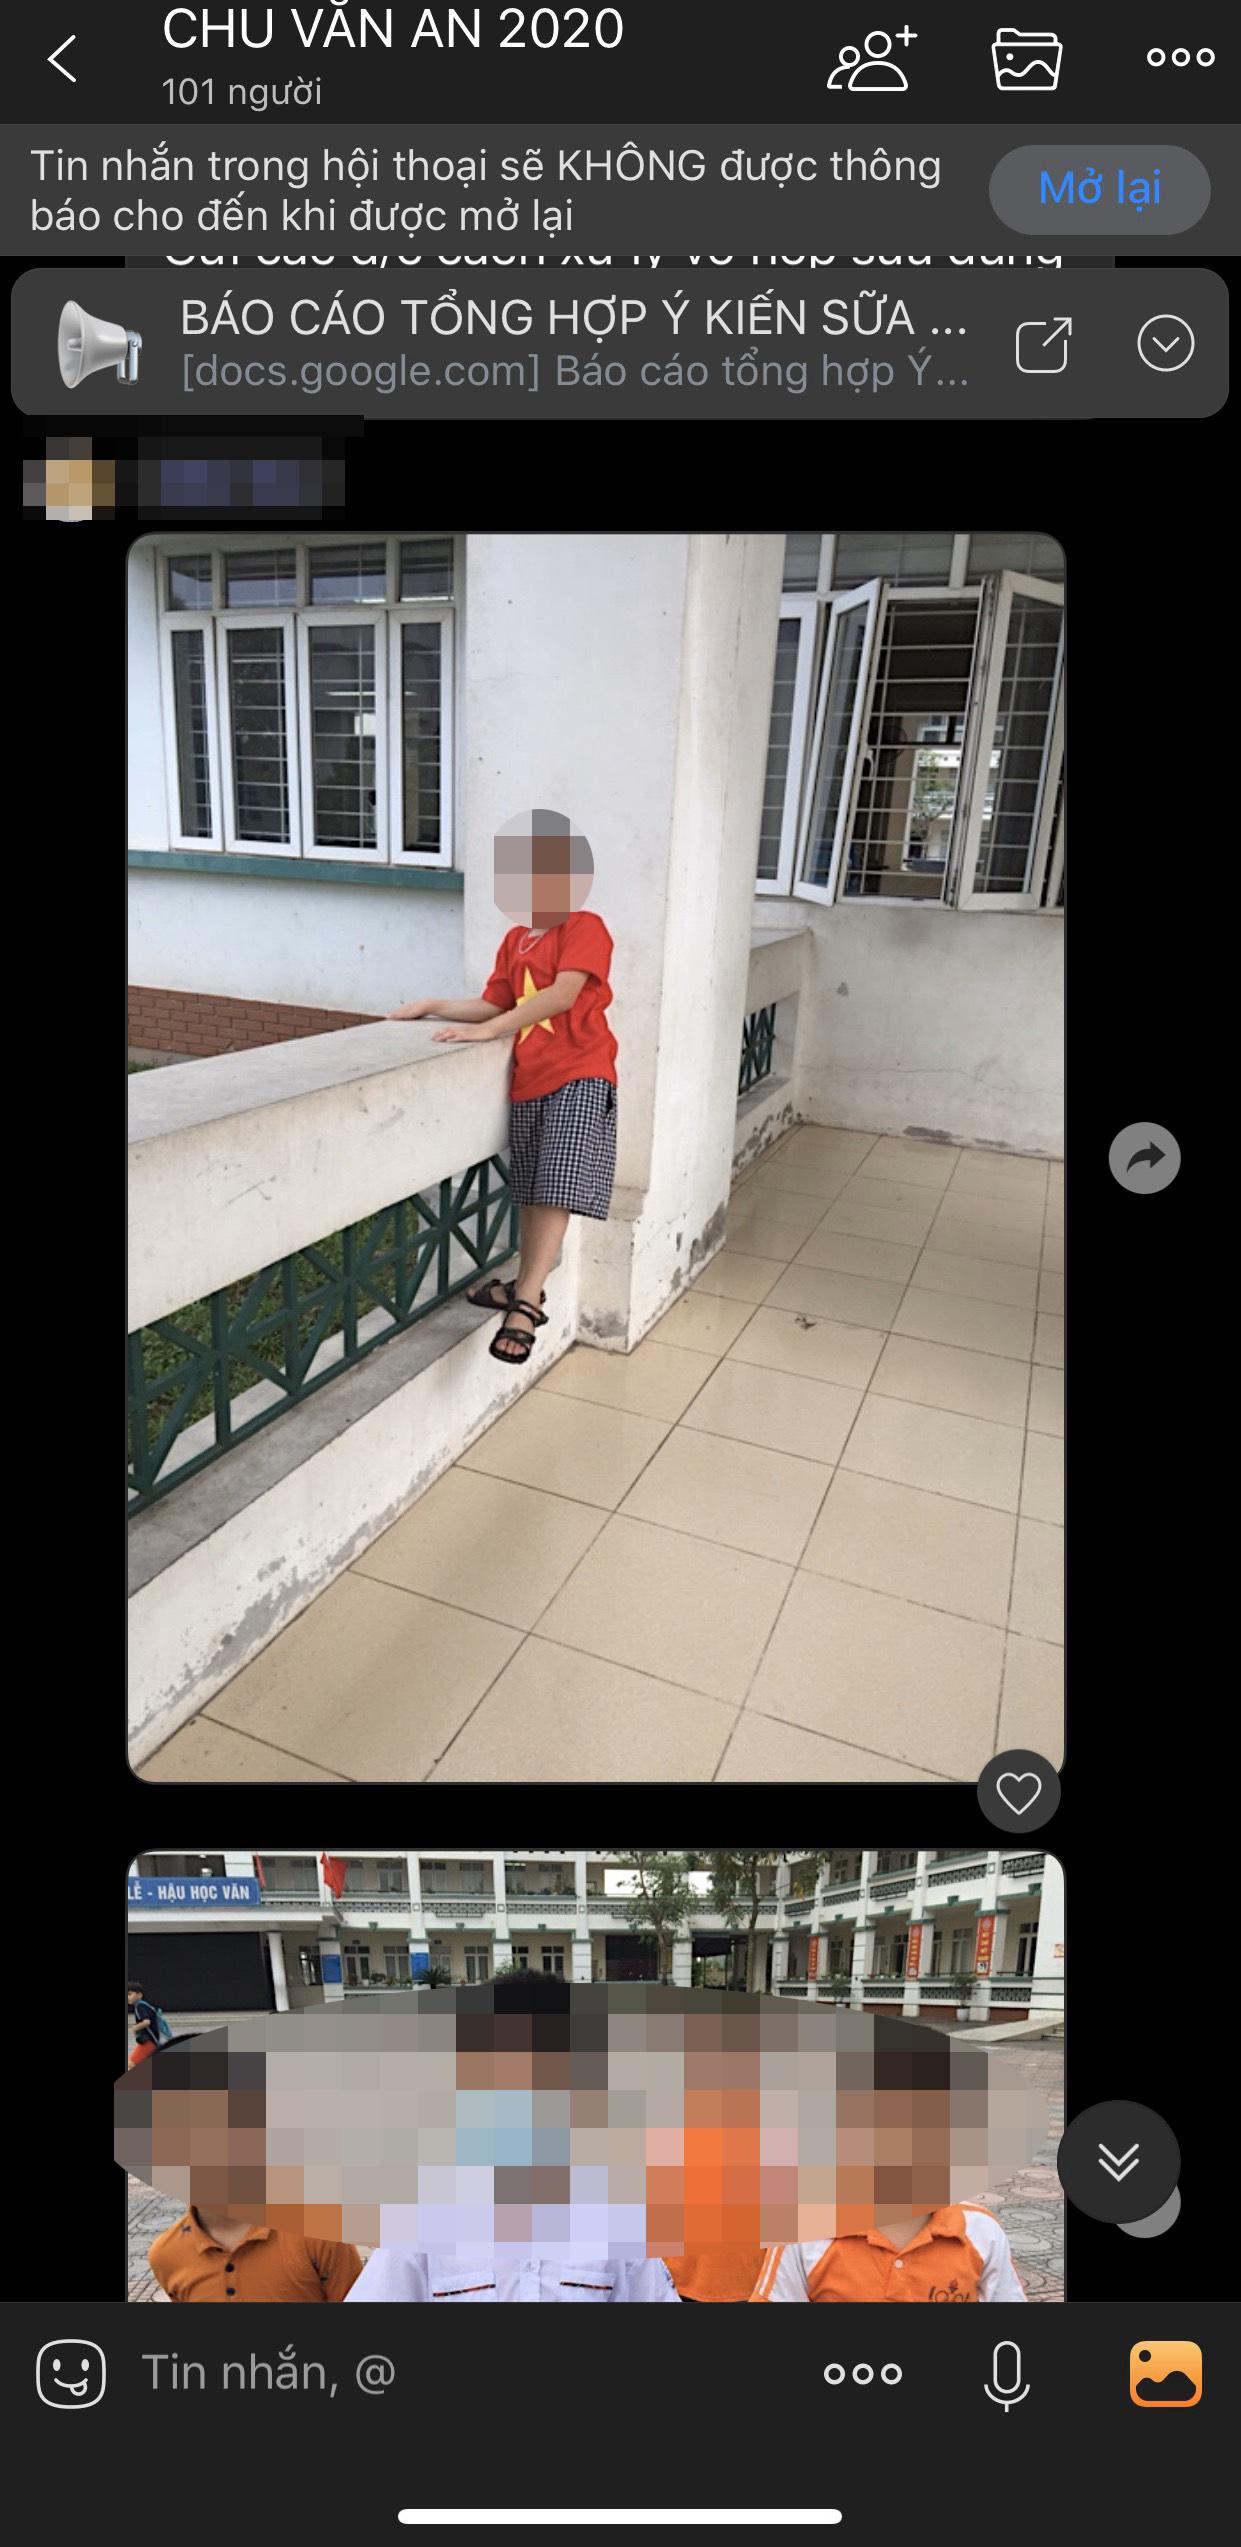 """Phụ huynh ở Hà Nội phản ánh cô giáo """"không cho học sinh quay lại trong trường"""" khiến con gái phải lang thang ngoài đường sau giờ tan học  - Ảnh 3."""